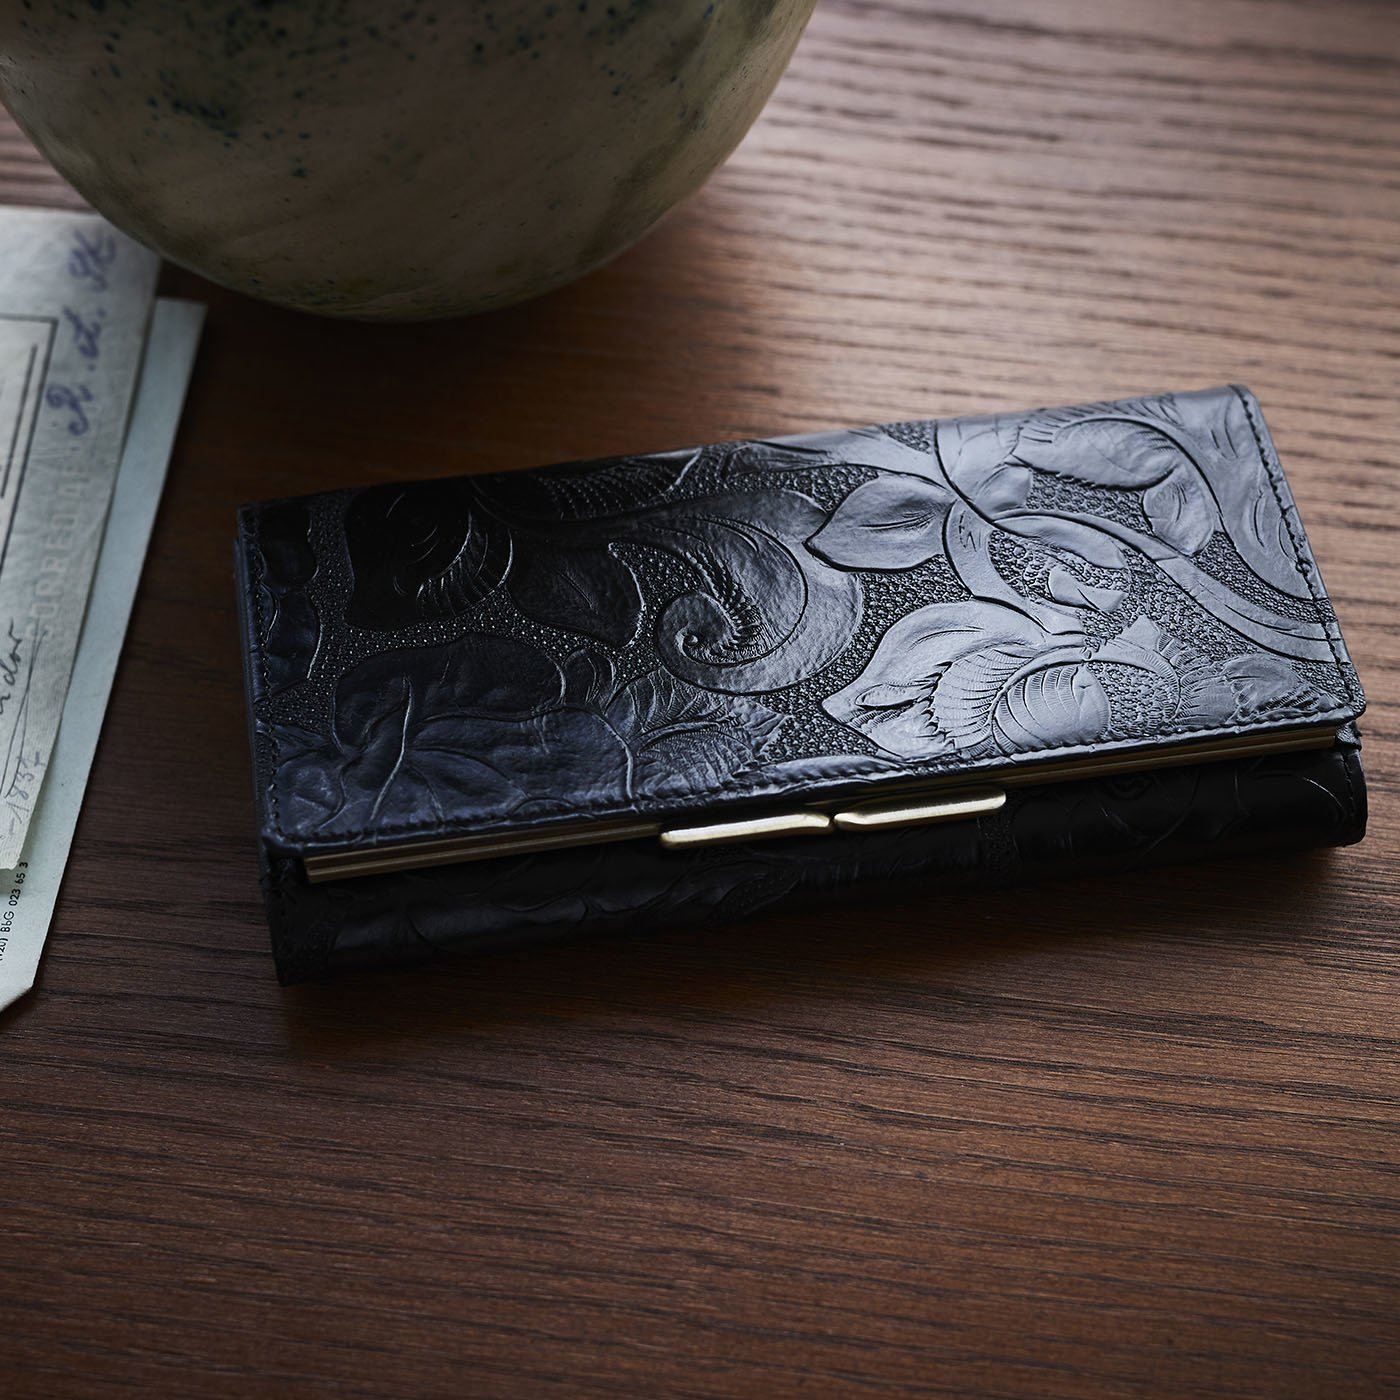 財布&革職人が叶えた 薔薇の刻印 長財布〈ブラックローズ〉[本革 財布:日本製]